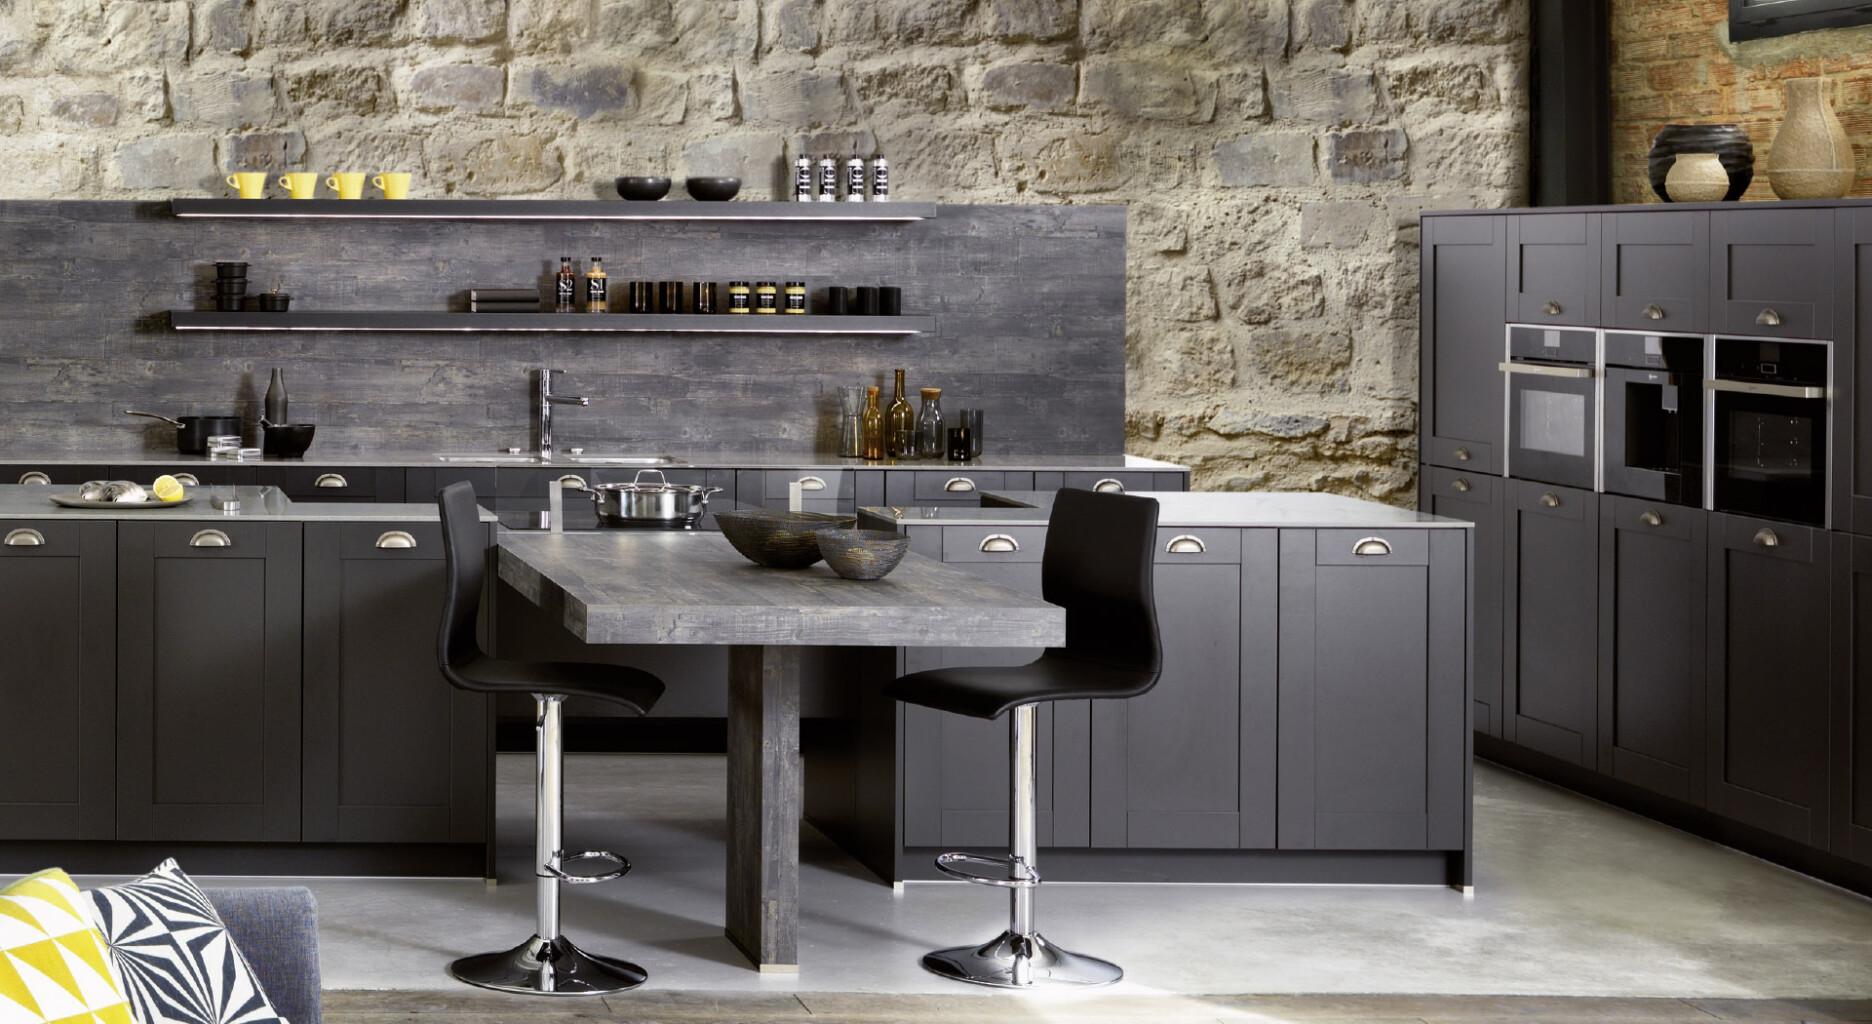 tendance et d coration d 39 int rieur id es de d coration d 39 int rieur. Black Bedroom Furniture Sets. Home Design Ideas